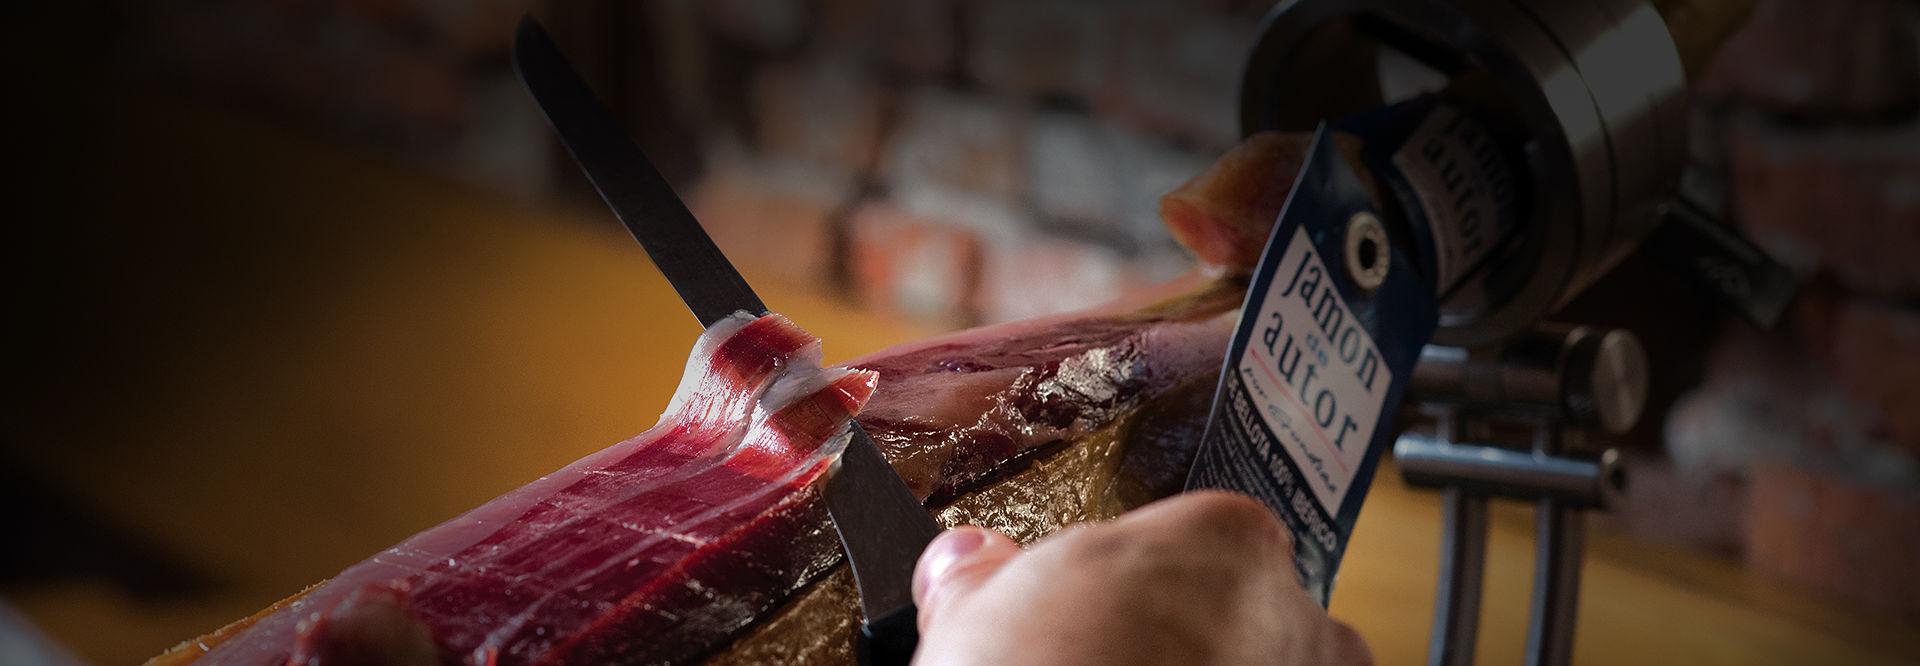 slide corte jamón de bellota ibérico